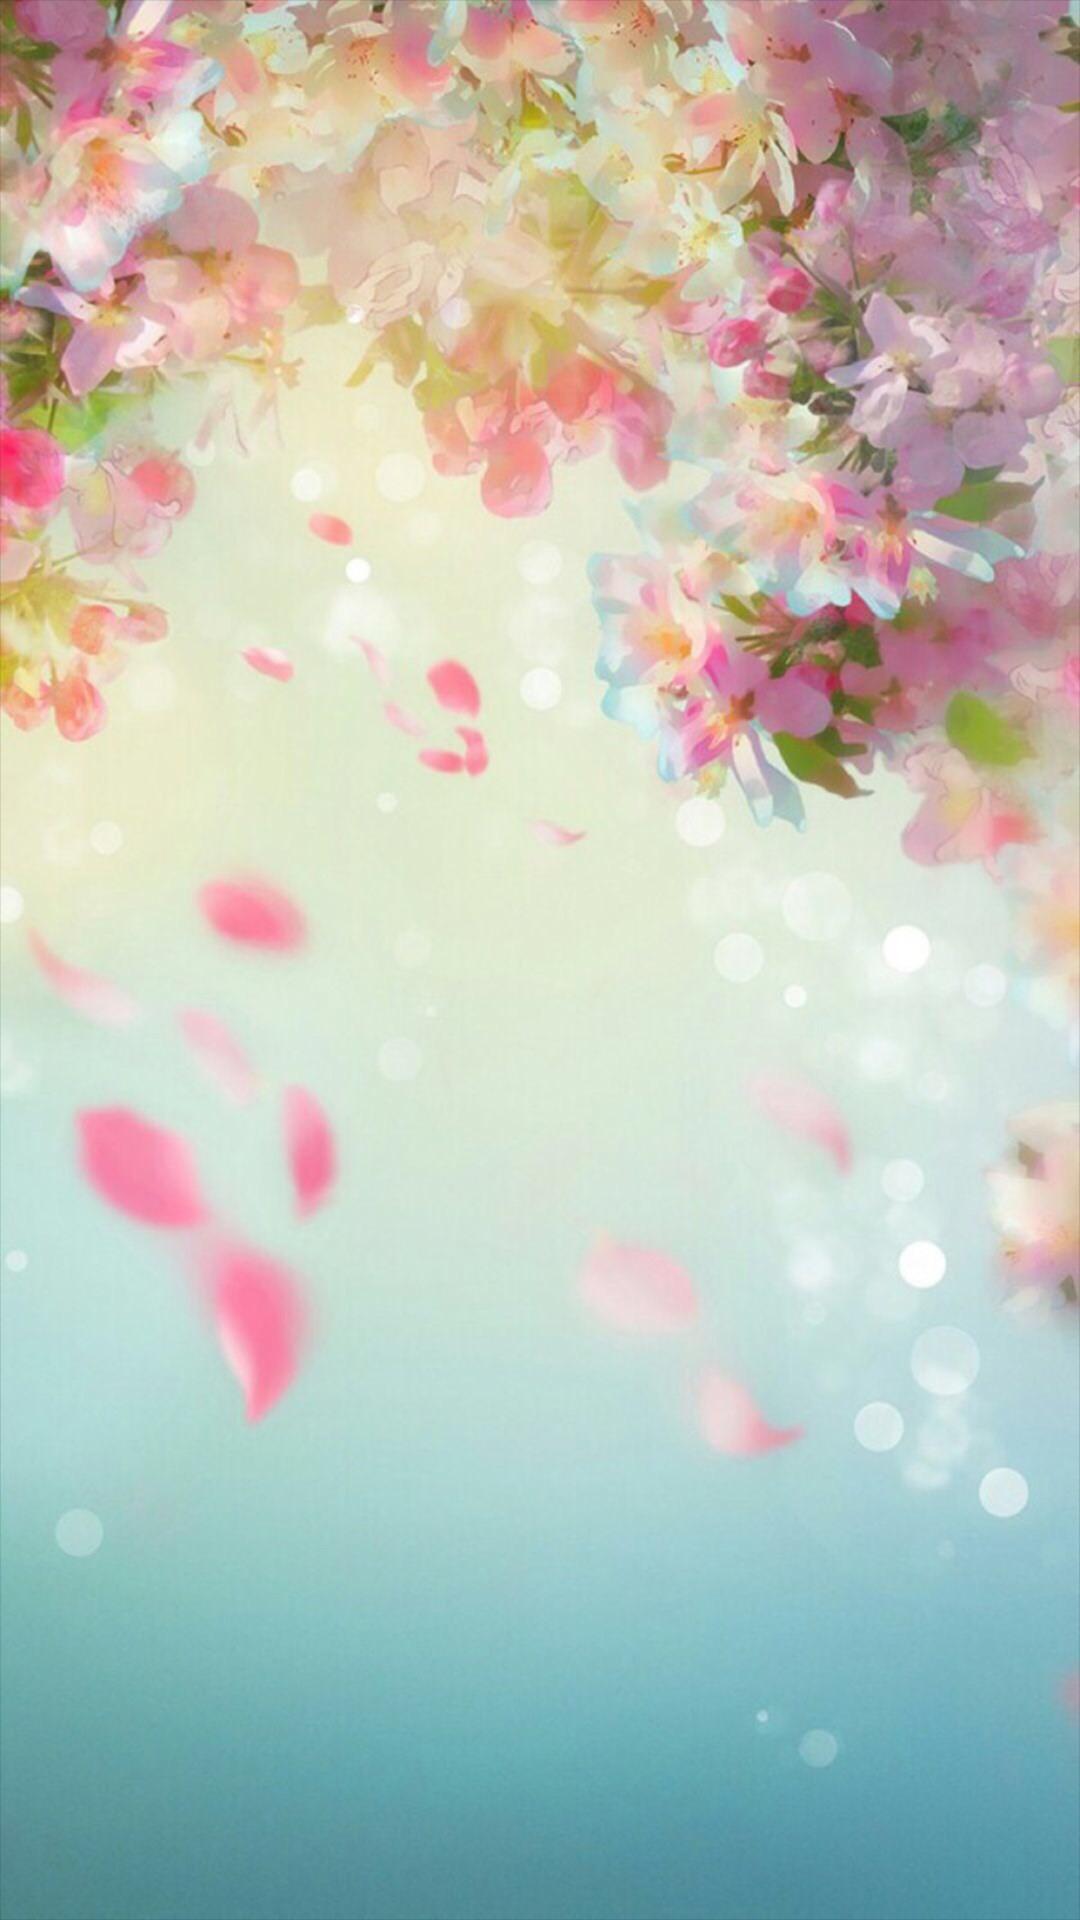 Flower petal painting wallpaper.Flowers, petal, dream, watercolor, green,  vintage